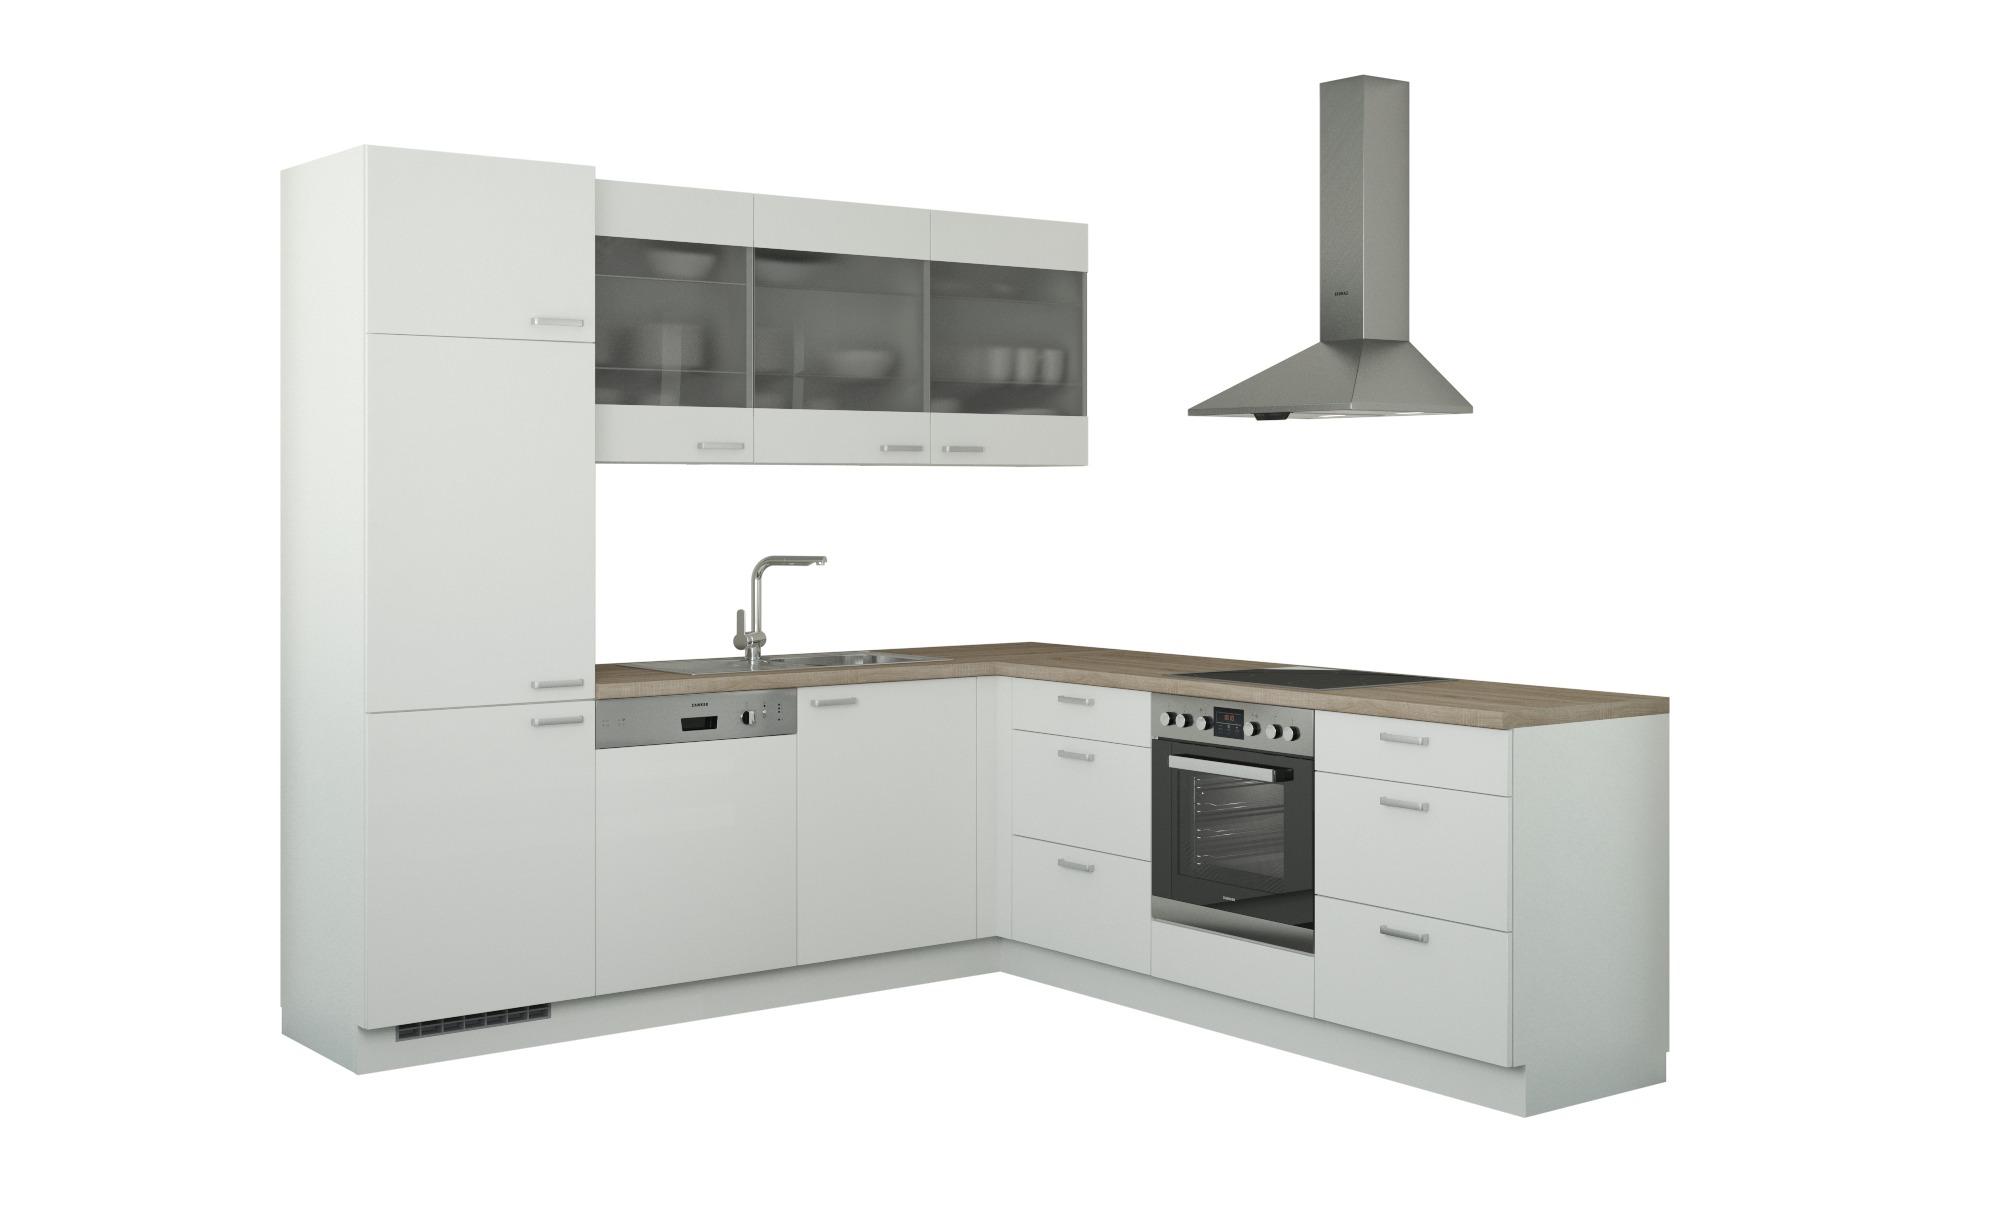 Winkelküche ohne Elektrogeräte  Sylt ¦ weiß Küchen > Küchenblöcke - Höffner | Küche und Esszimmer > Küchen > Winkelküchen | Weiß | Holzwerkstoff - Glas | Möbel Höffner DE